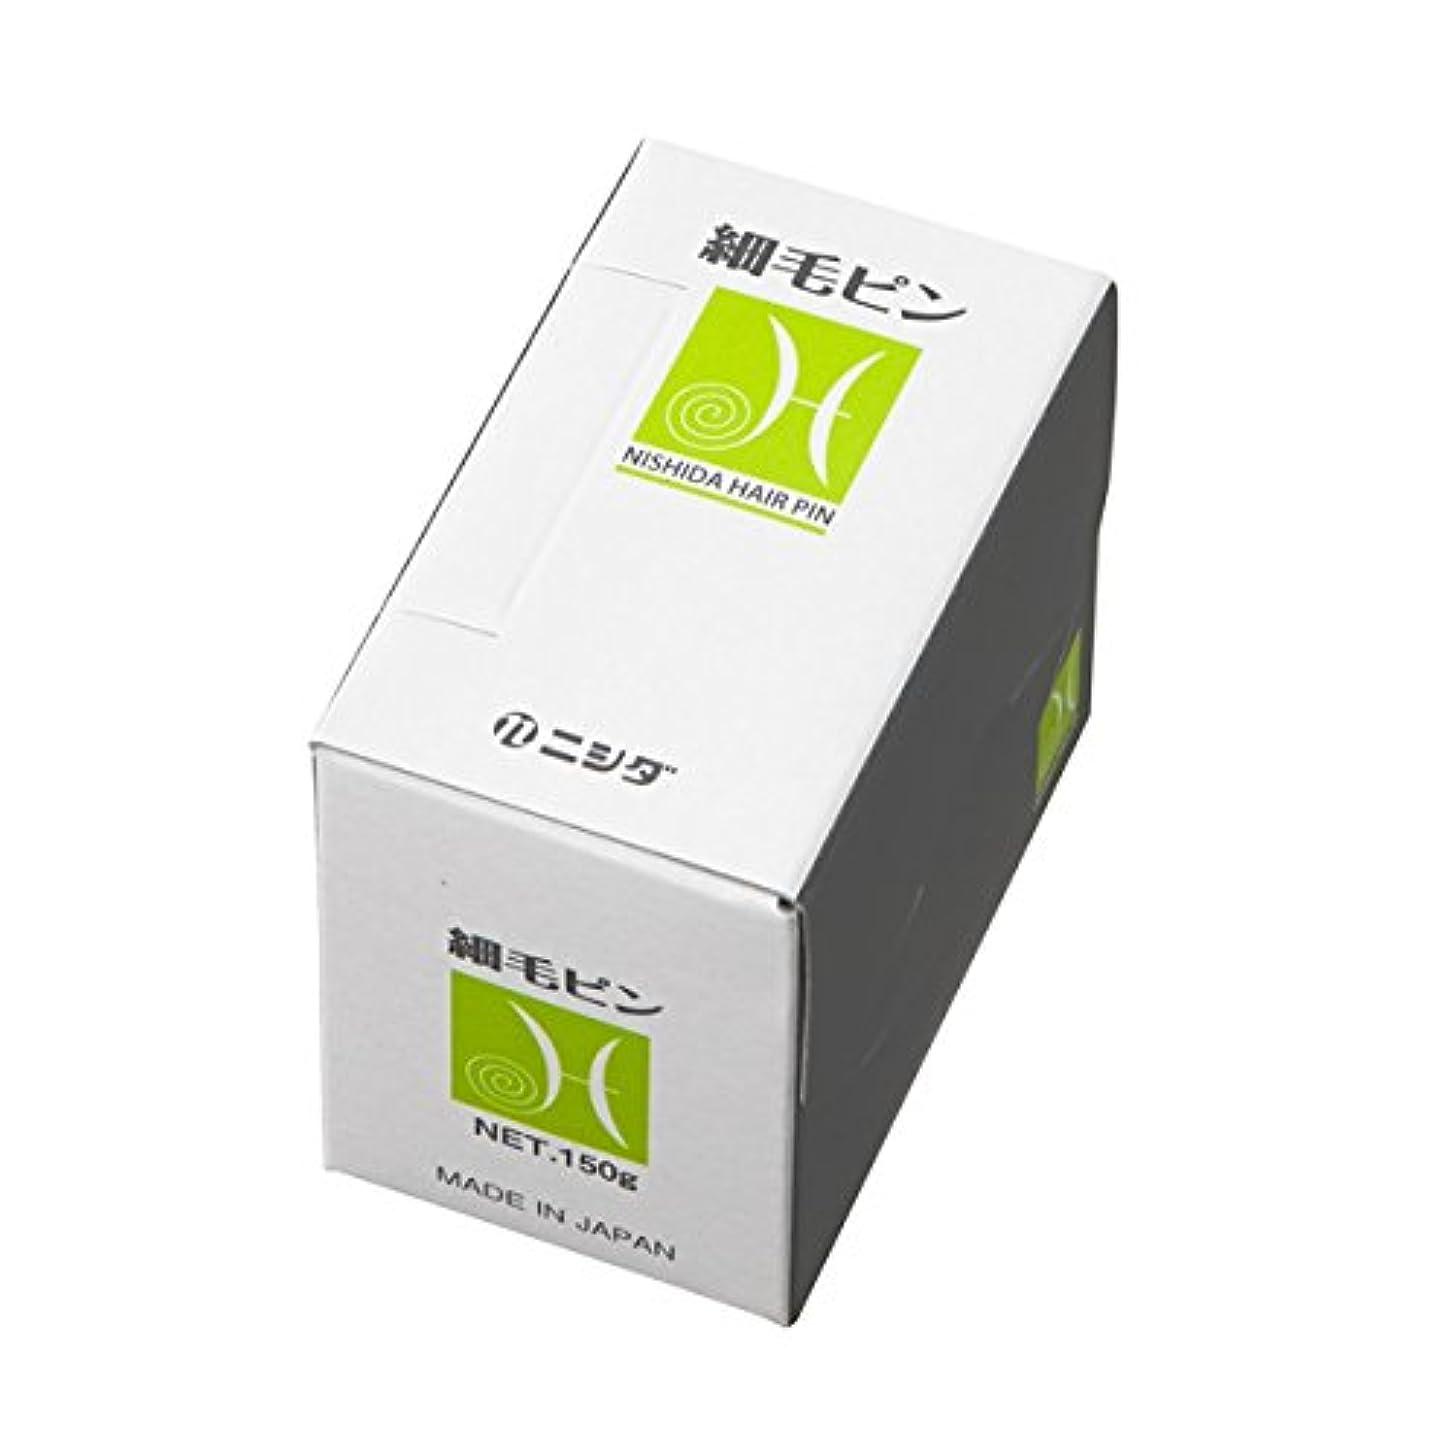 品揃え裕福な特別にニシダピン 細毛ピン 150g 株式会社ニシダ プロフェッショナルユースでスタイリング自由自在